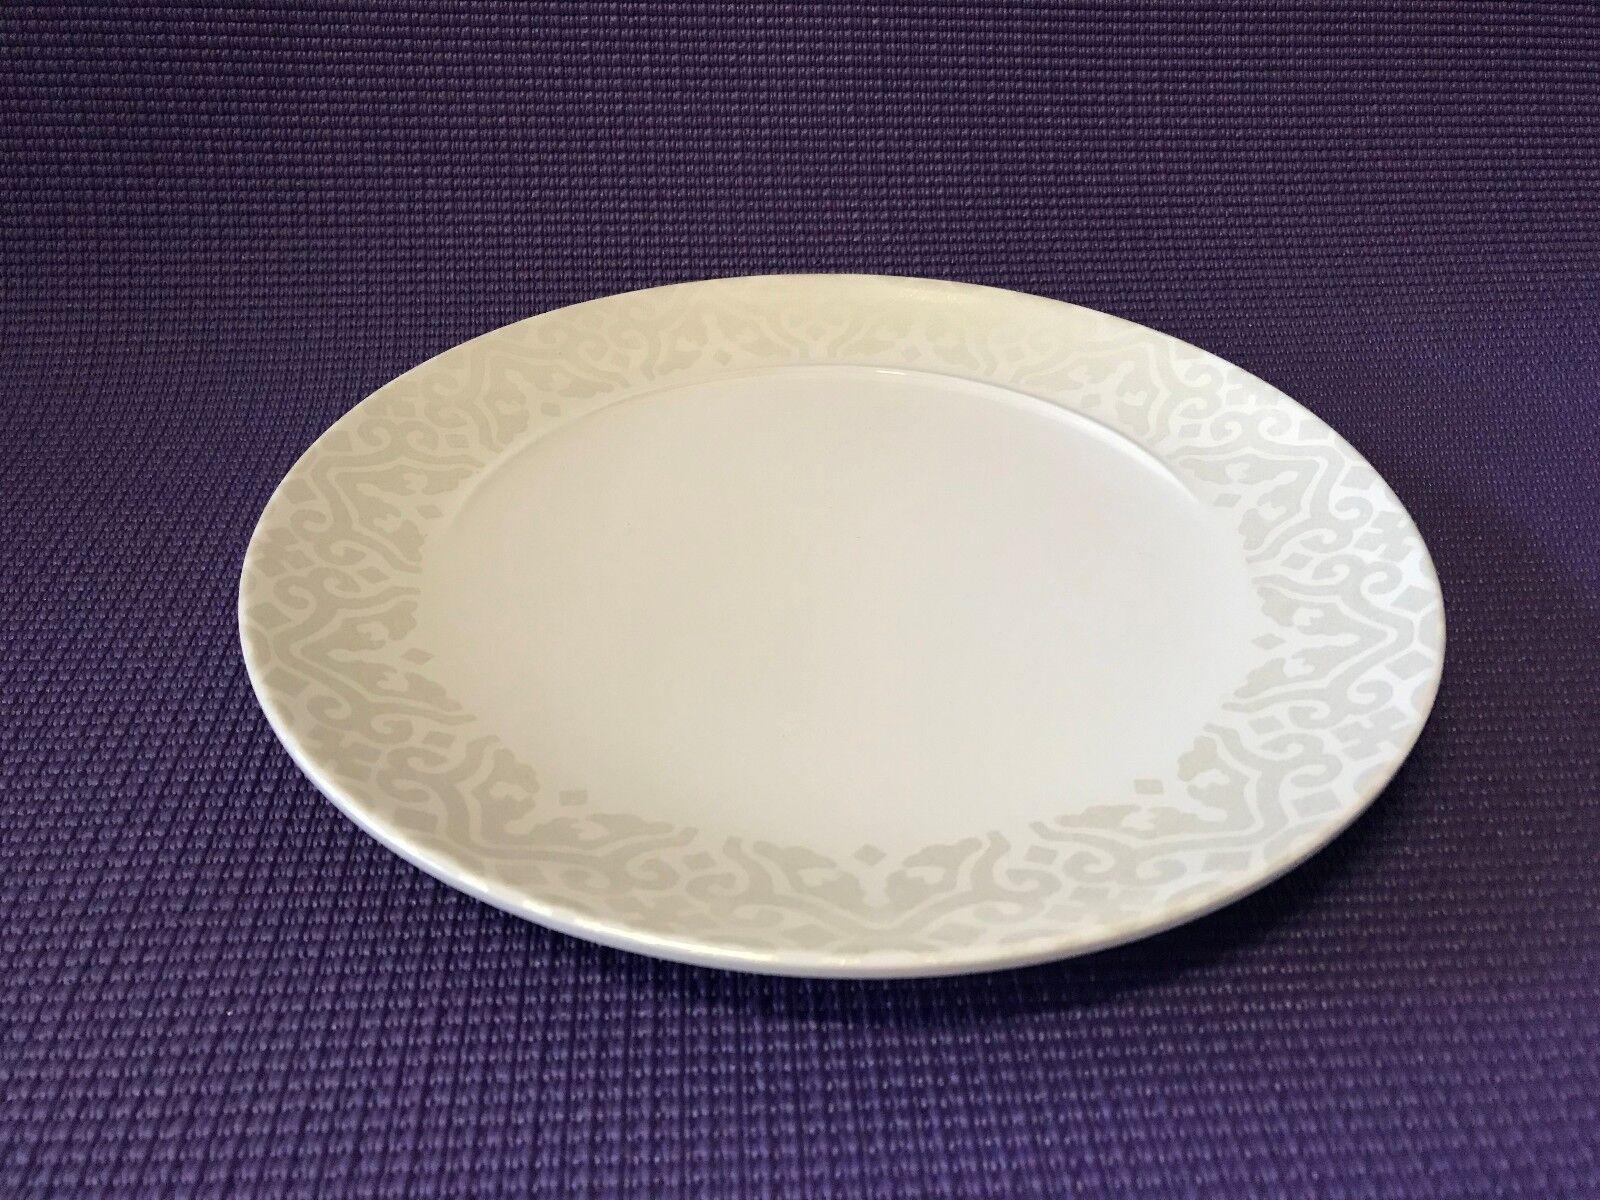 Plateful USA 11 INCH Cereal Rice Salad Serving Dinner Plates Melamine set of 10